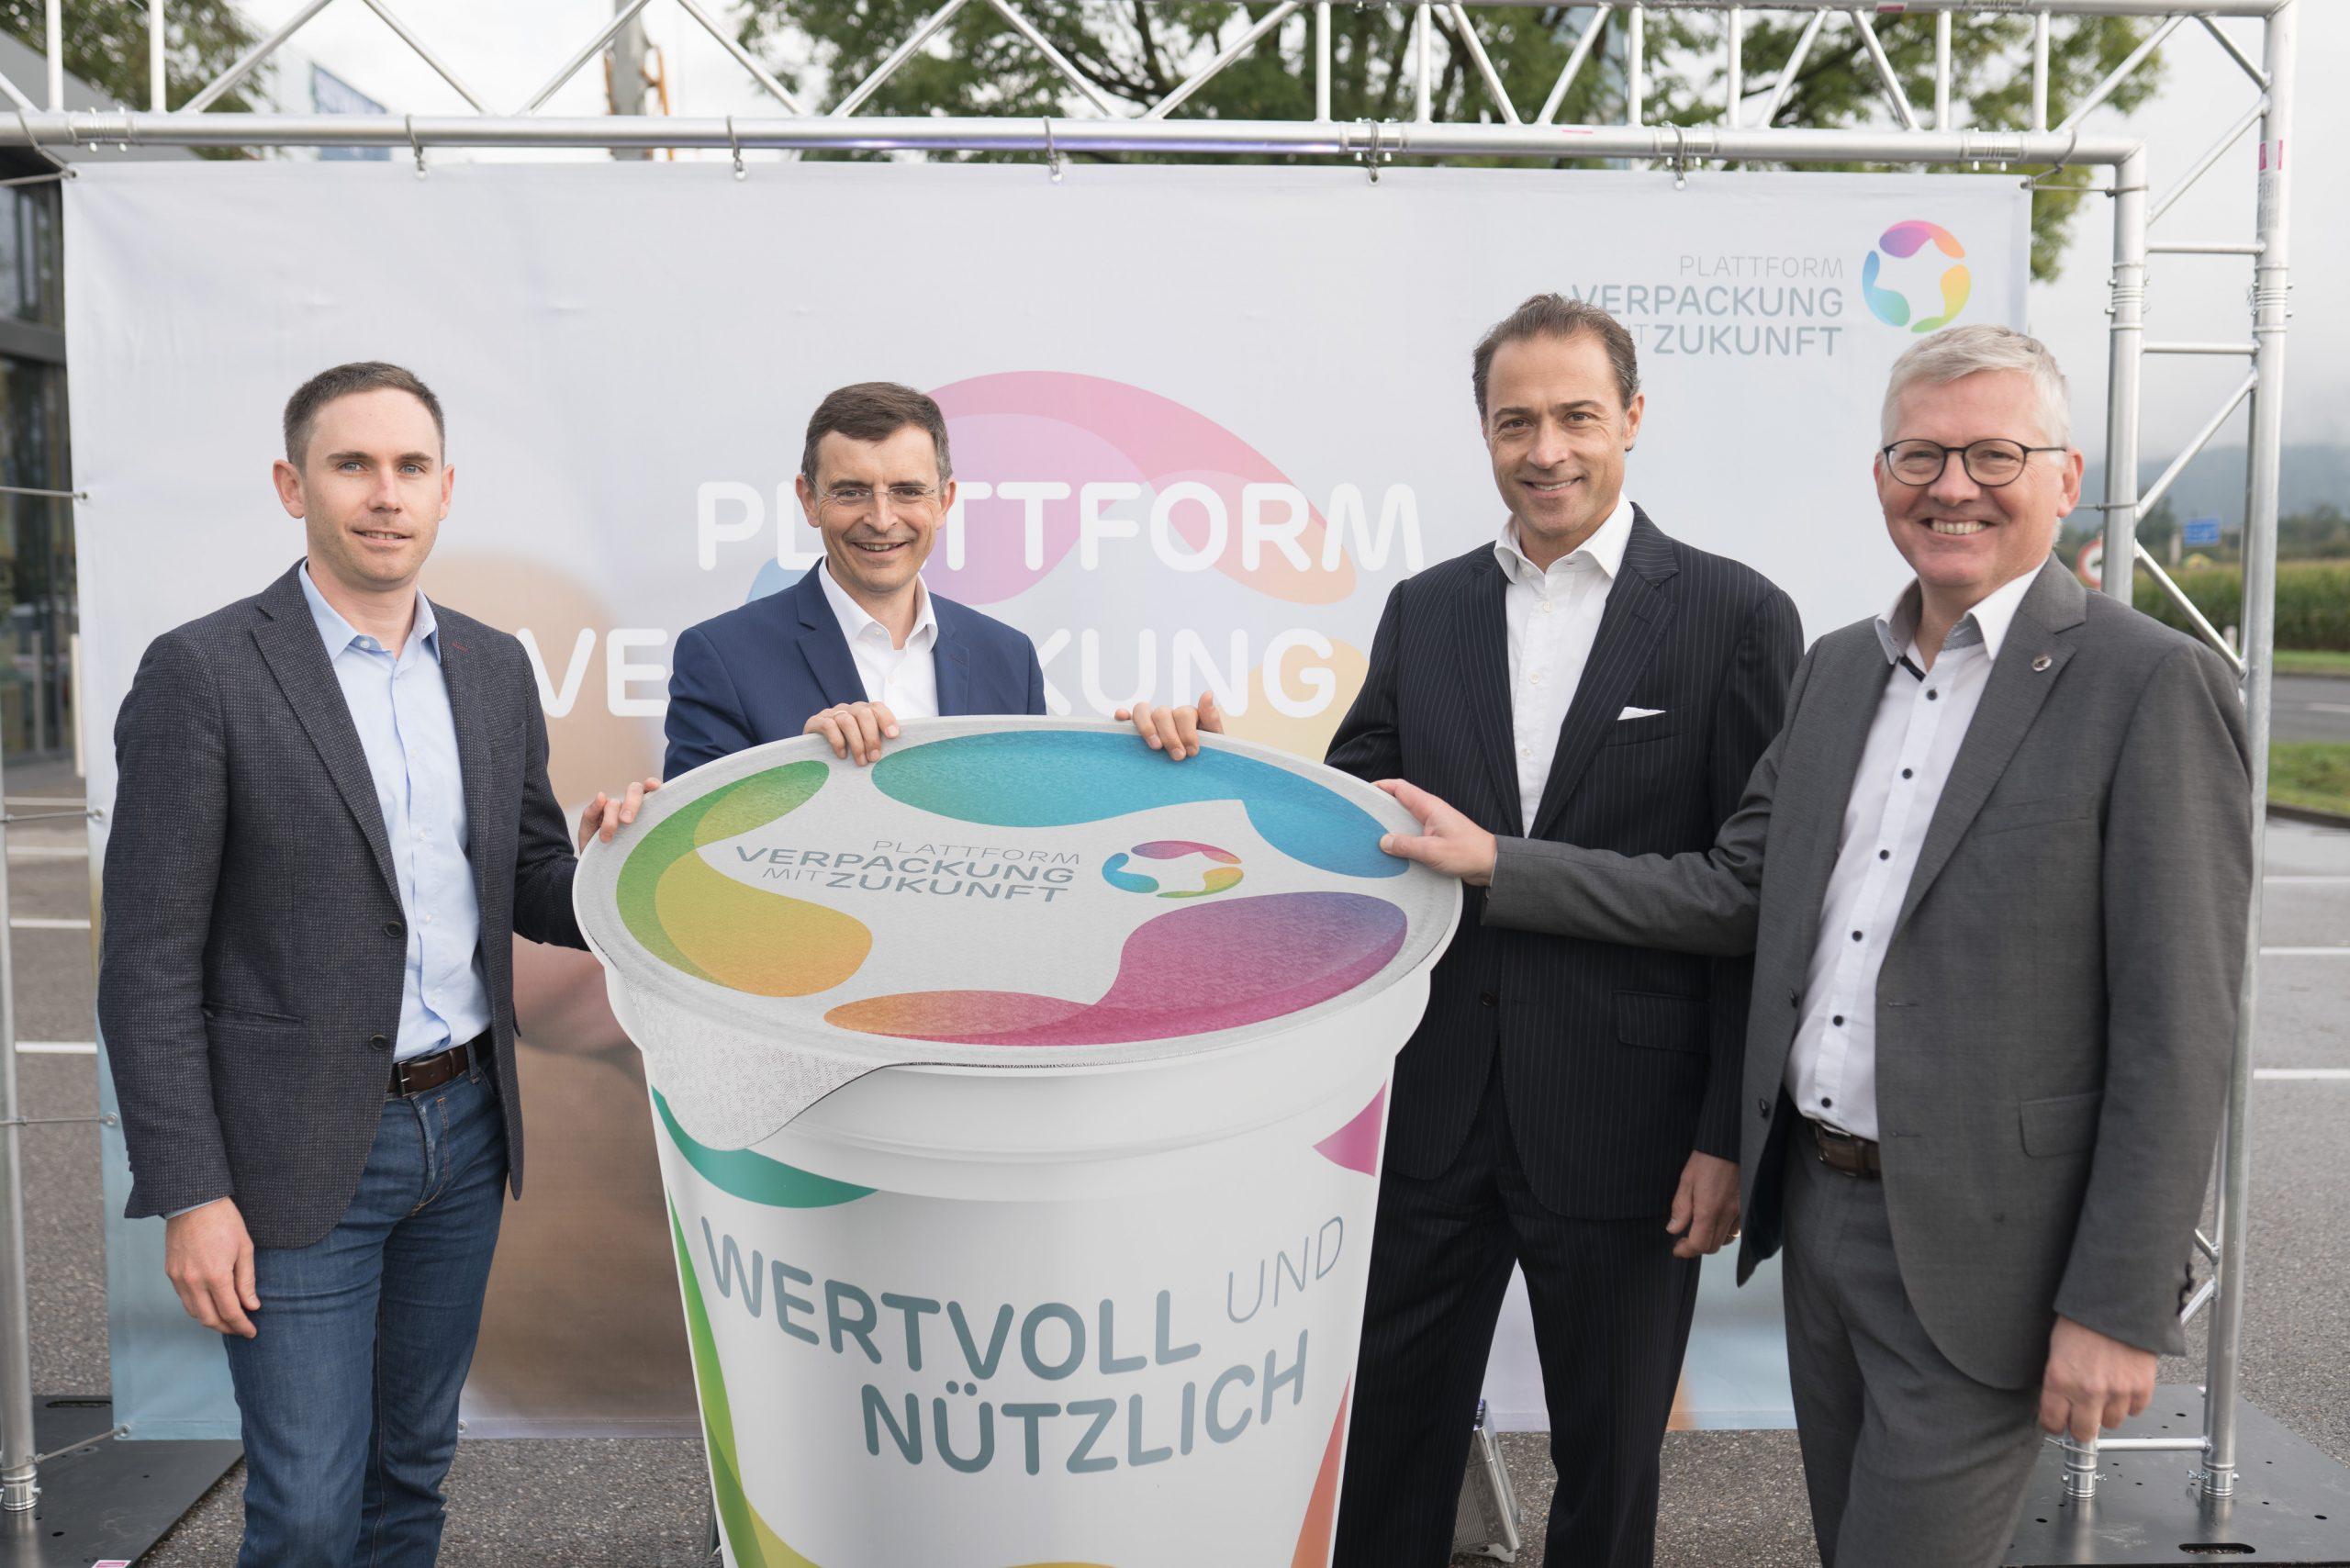 Plattform Verpackung mit Zukunft organisiert Pop-Up Stand zur Aufklärung über Verpackungsmythen